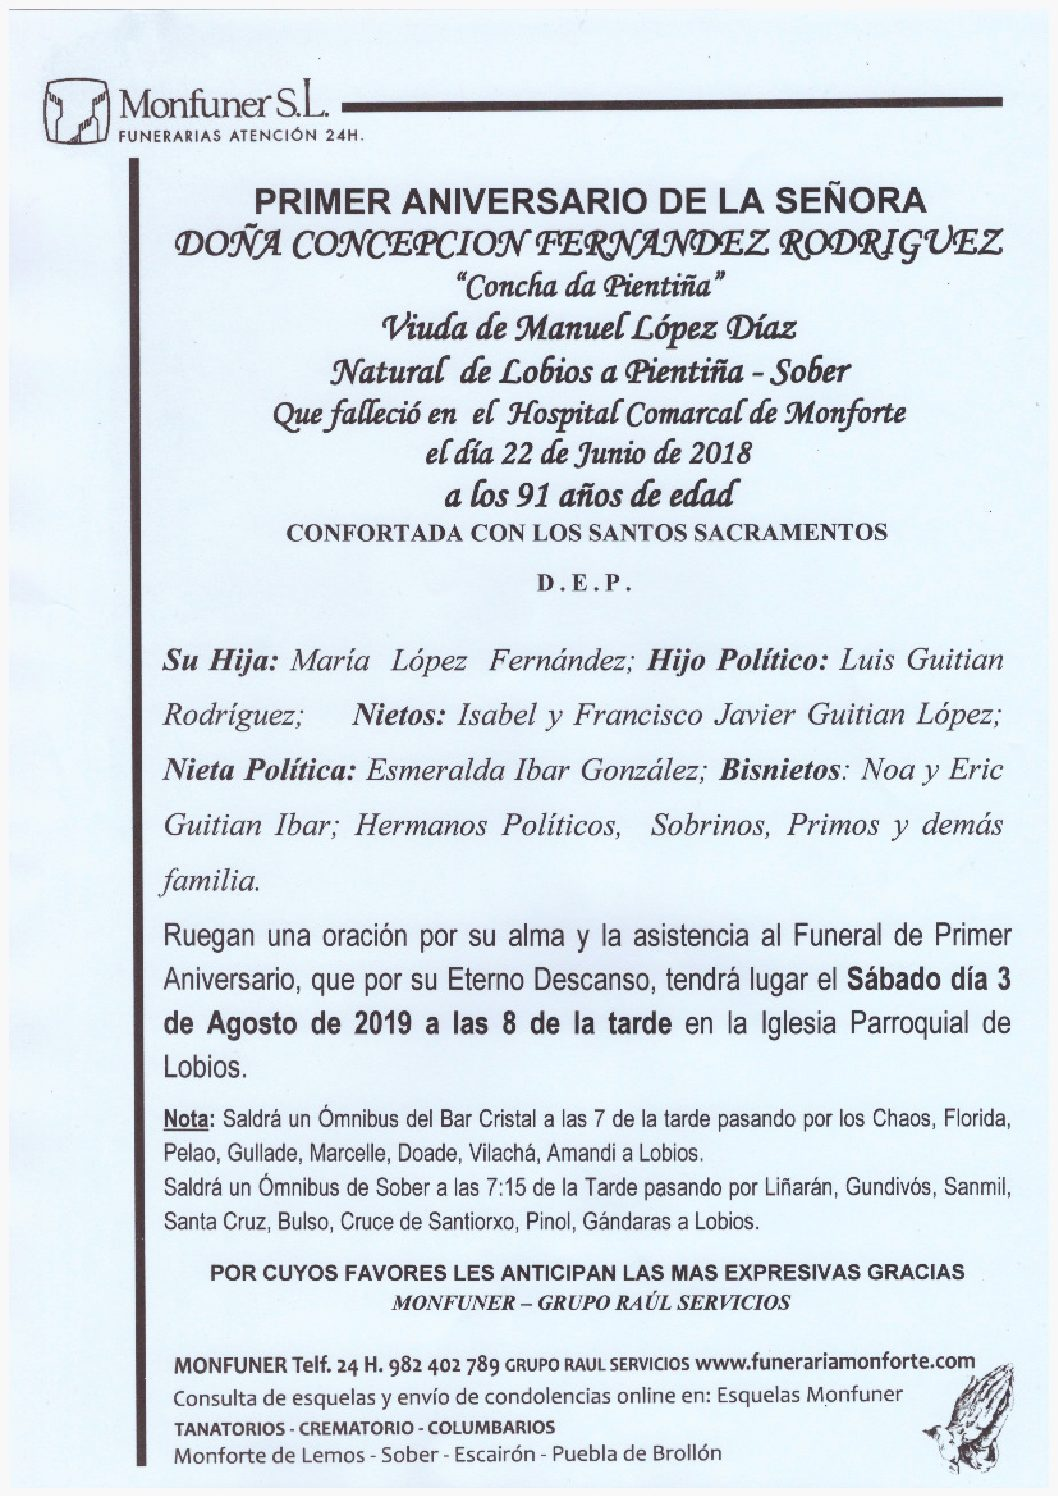 PRIMER ANIVERSARIO DE DOÑA CONCEPCION FERNANDEZ RODRIGUEZ